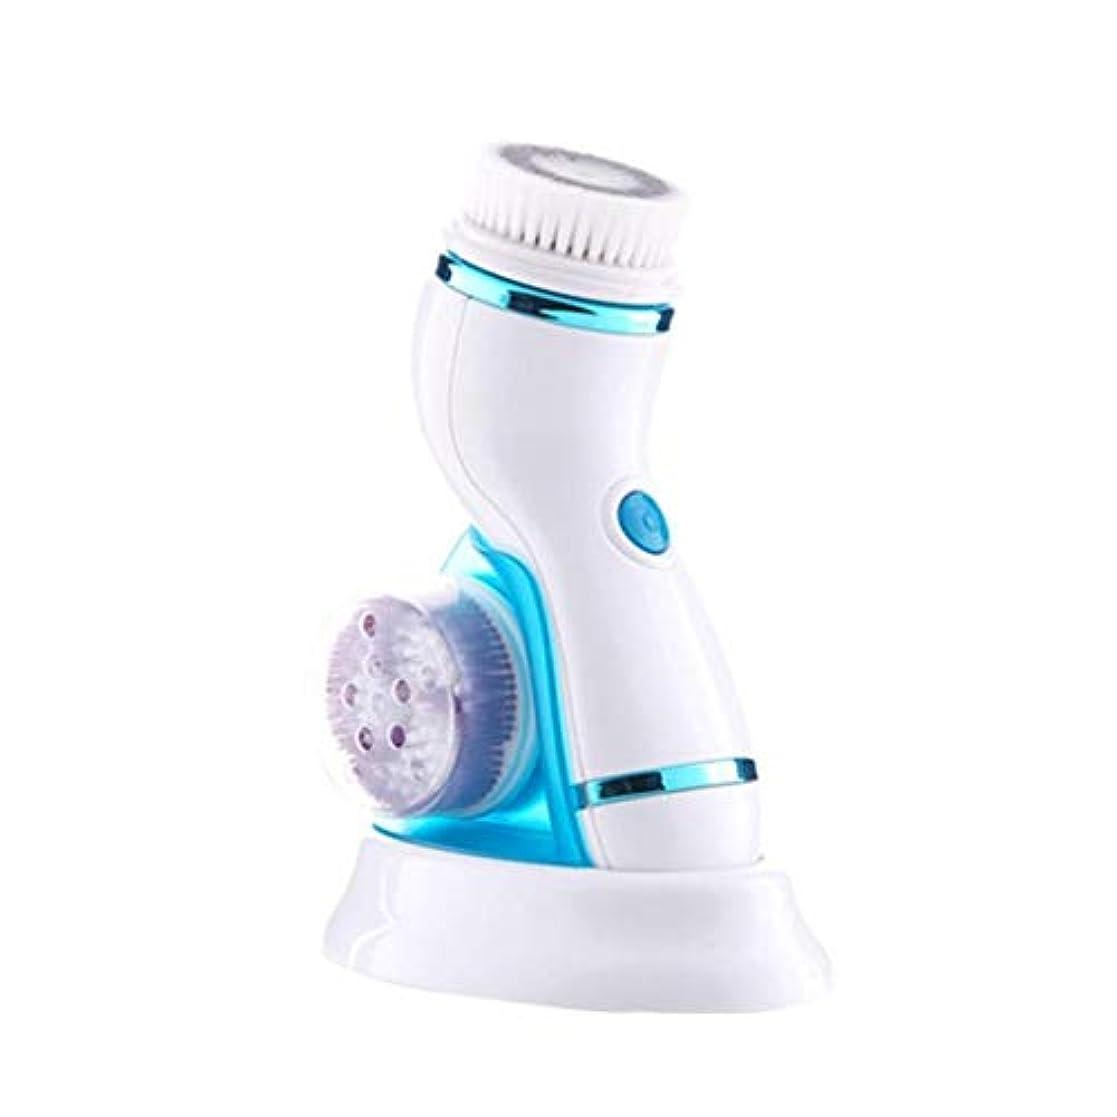 誤可能四半期1つの清潔になる器械、深く清潔になる顔のマッサージャー、再充電可能なUSBケーブル、防水多機能の美の器械に付き4つをきれいにして下さい